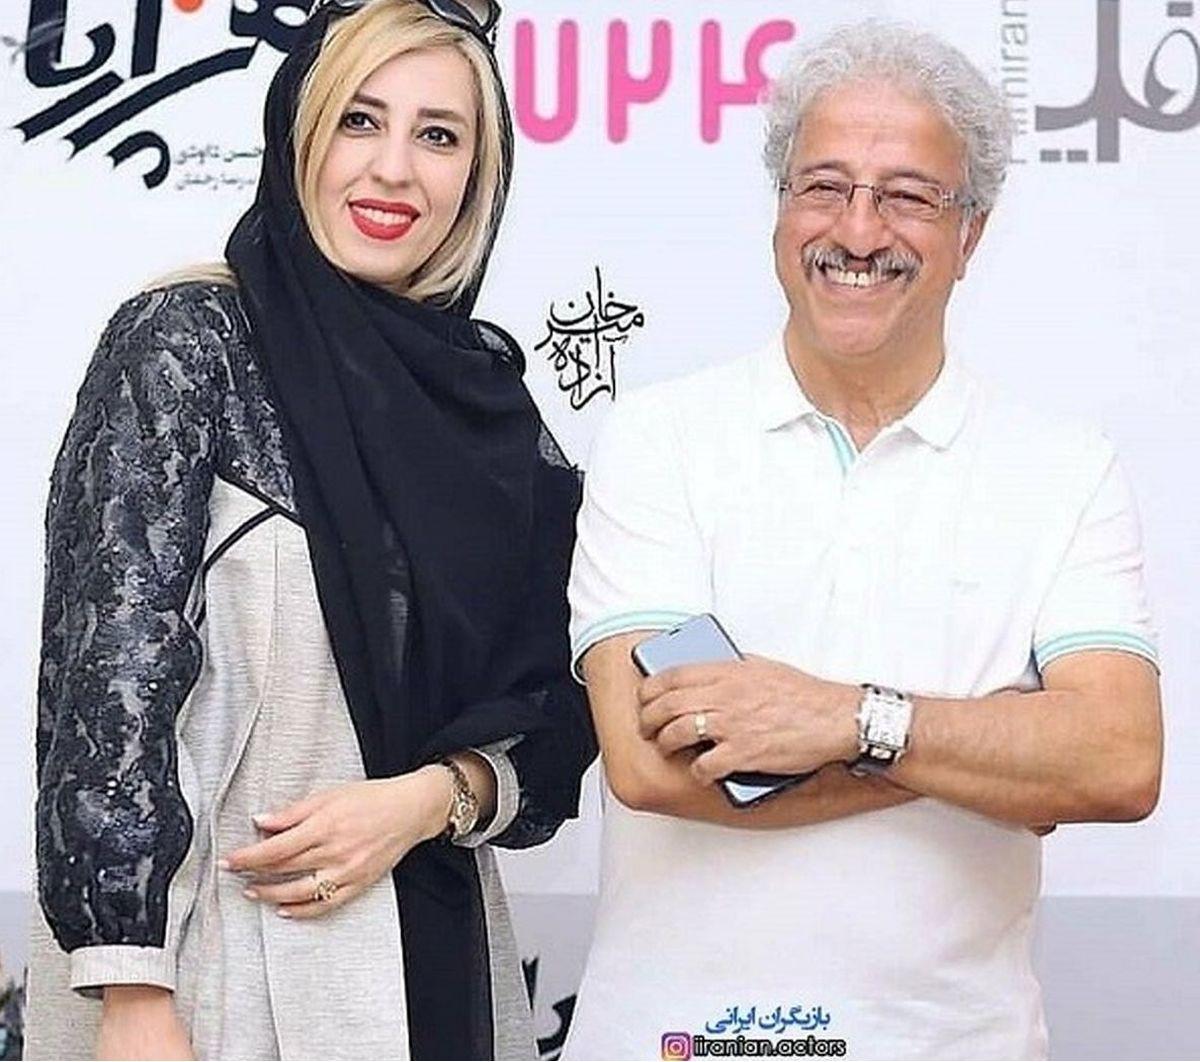 عکس سه نفره علیرضا خمسه با فهمیه و رحمت